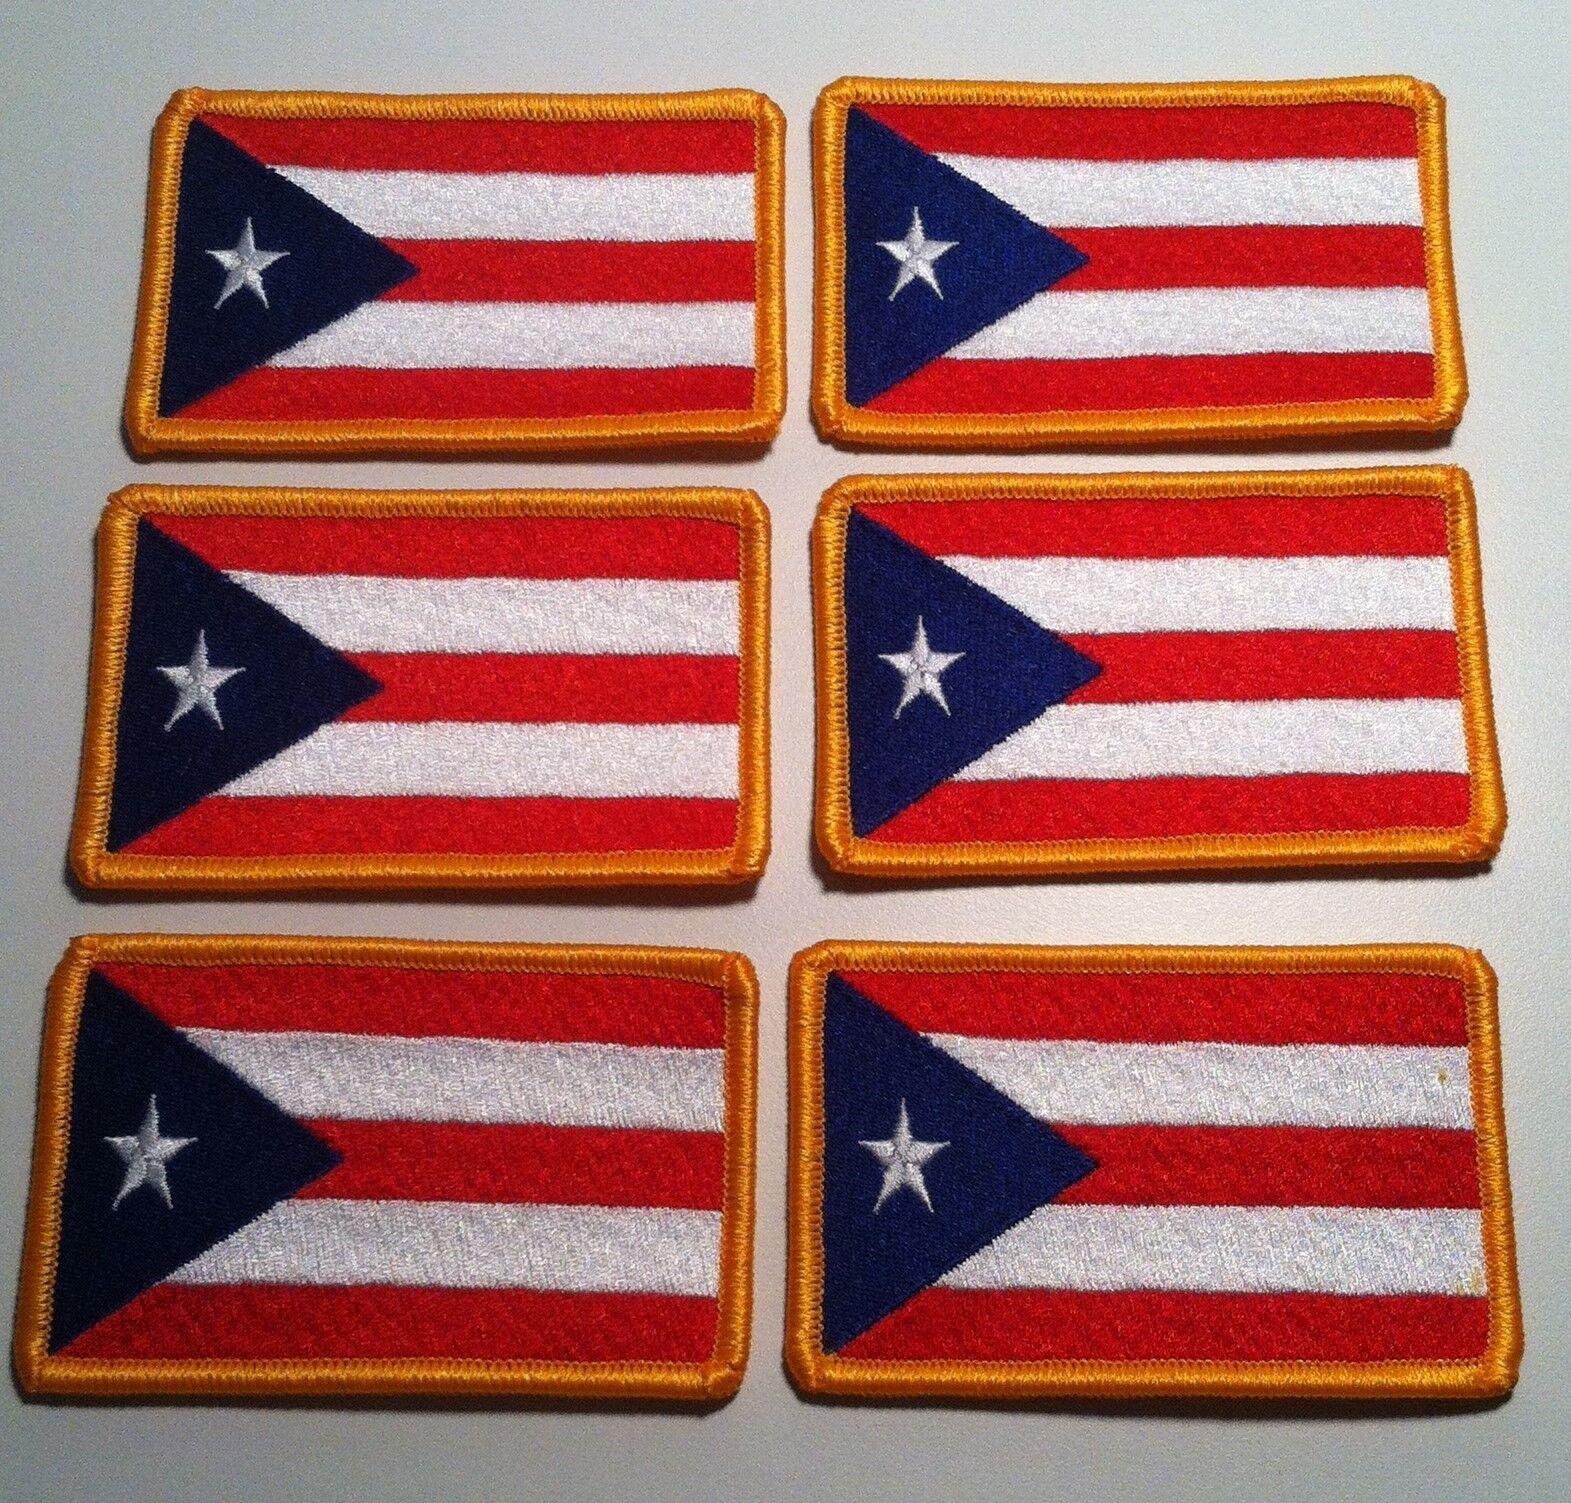 Bandera de Puerto Rico Emblema Puertorrique/ño Parche Bordado de Aplicaci/ón con Plancha